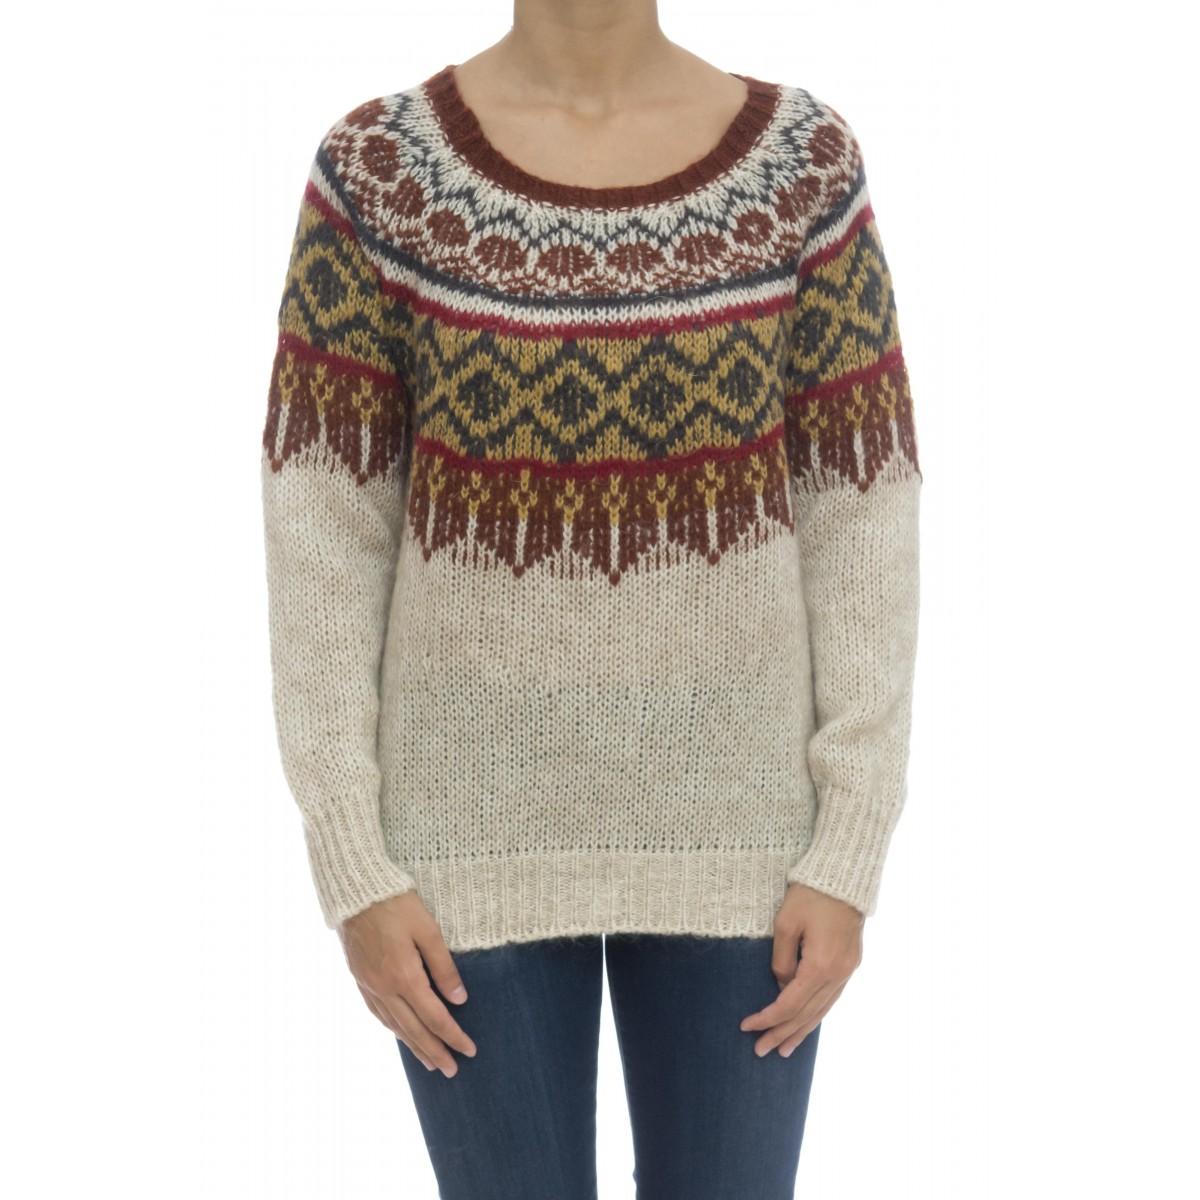 Maglieria - Basilea maglia norvegese